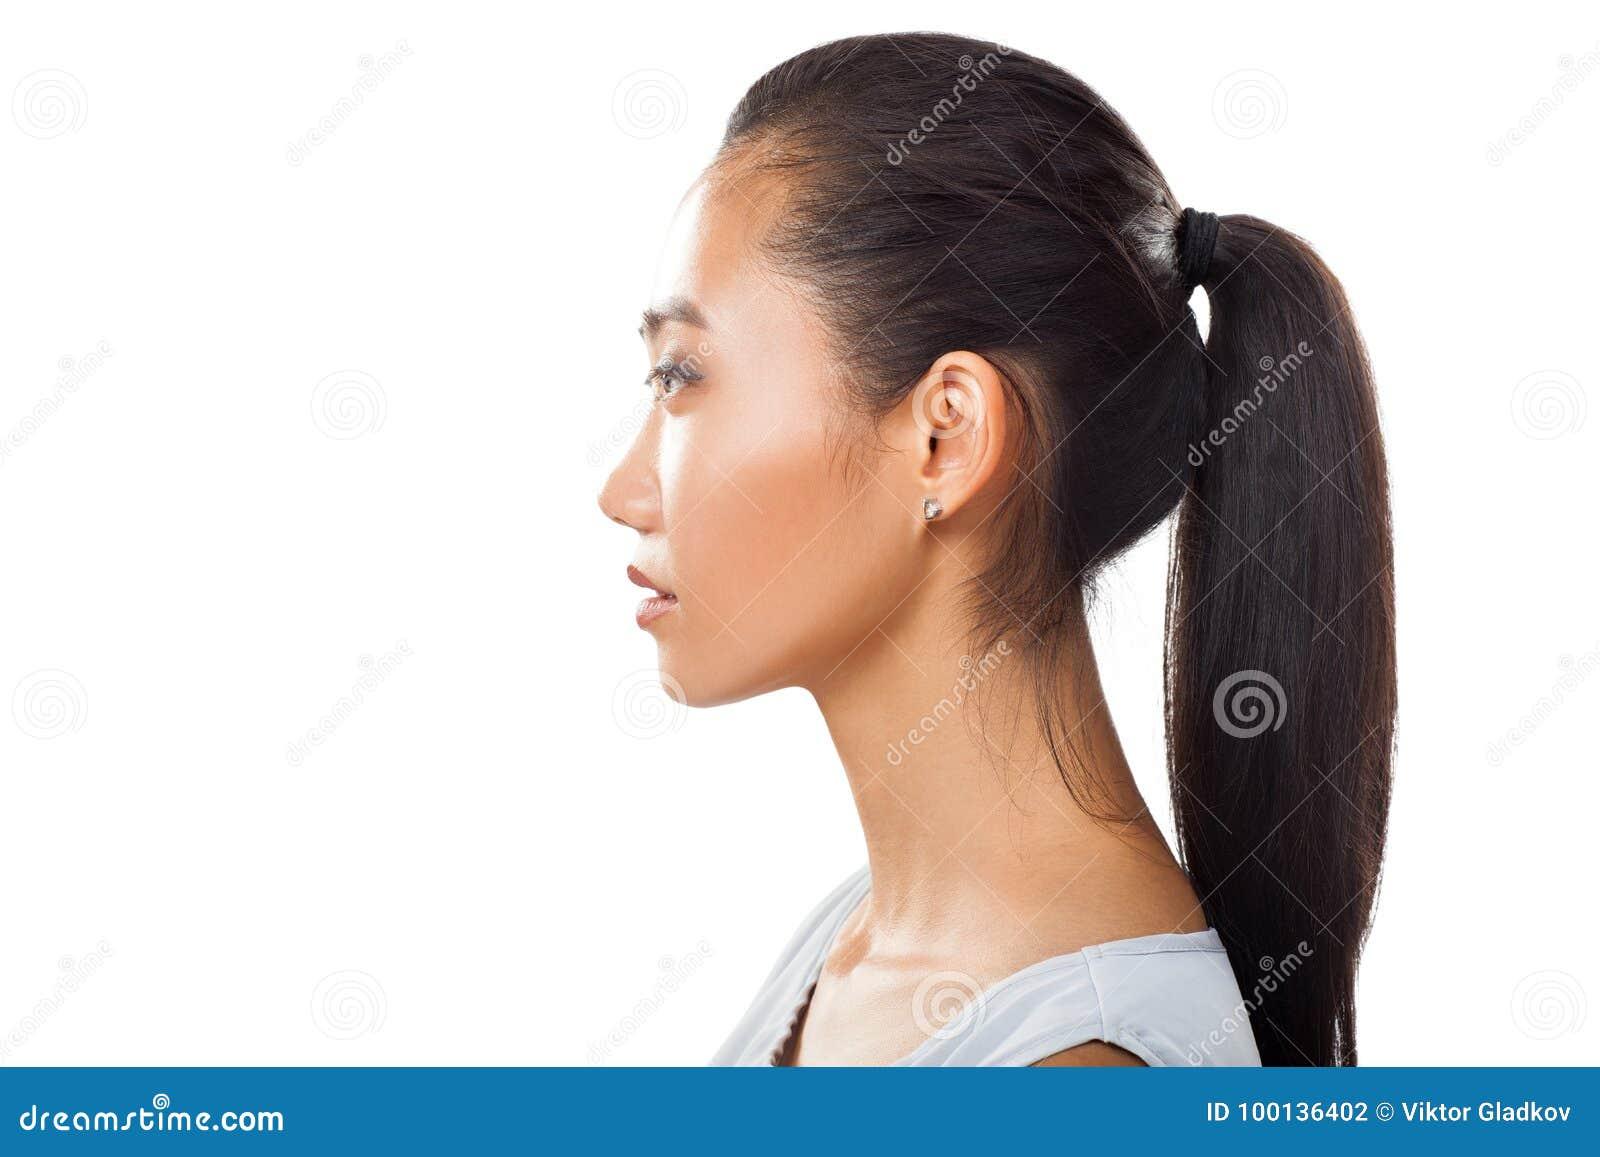 Zbliżenie portret Azjatycka młoda kobieta w profilu z ponytail